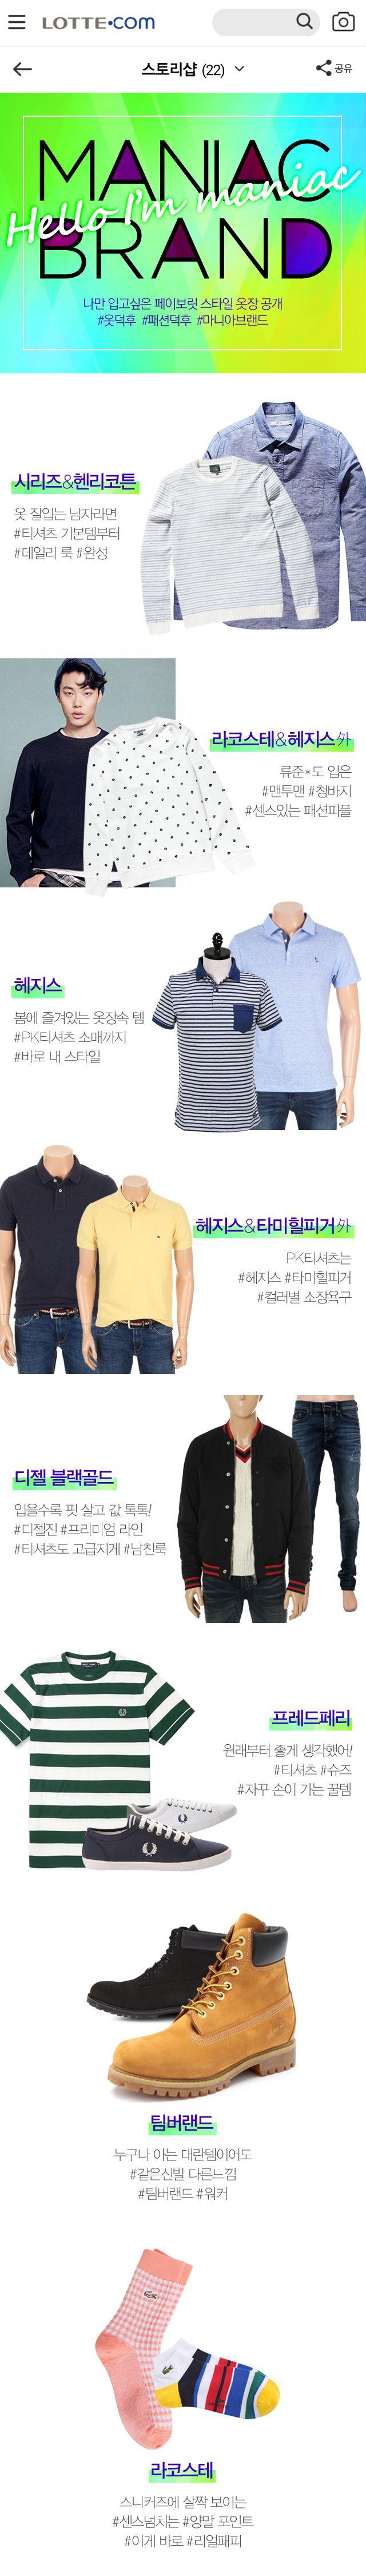 스토리샵_160412_Designed by 신현